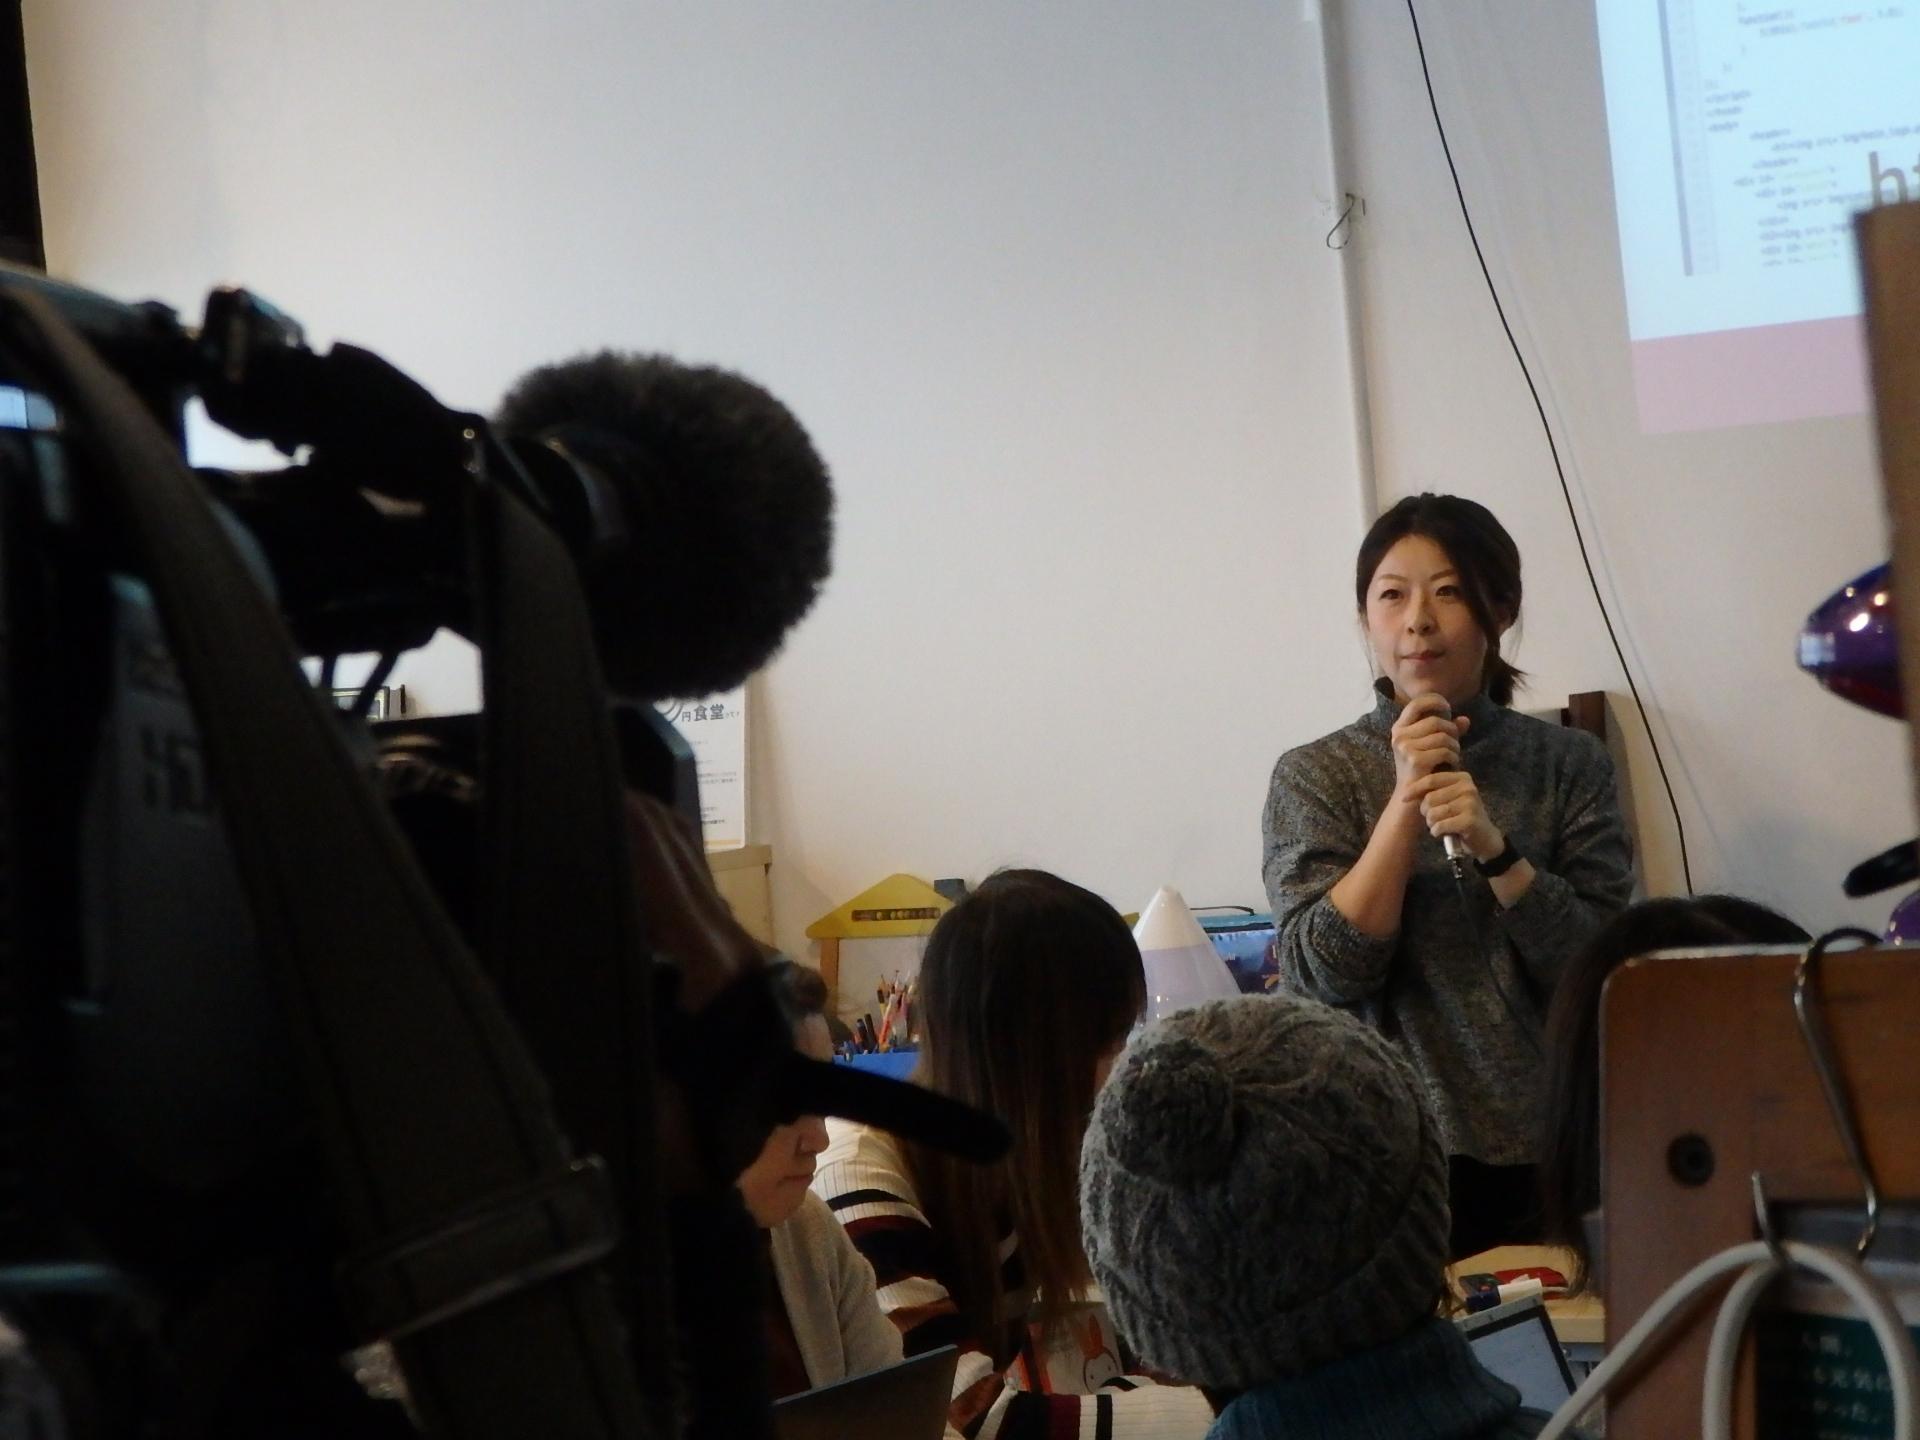 関西テレビ「ワンダー」特集(2月8日放映)で在宅ワーク勉強会の様子を取り上げていただきました!